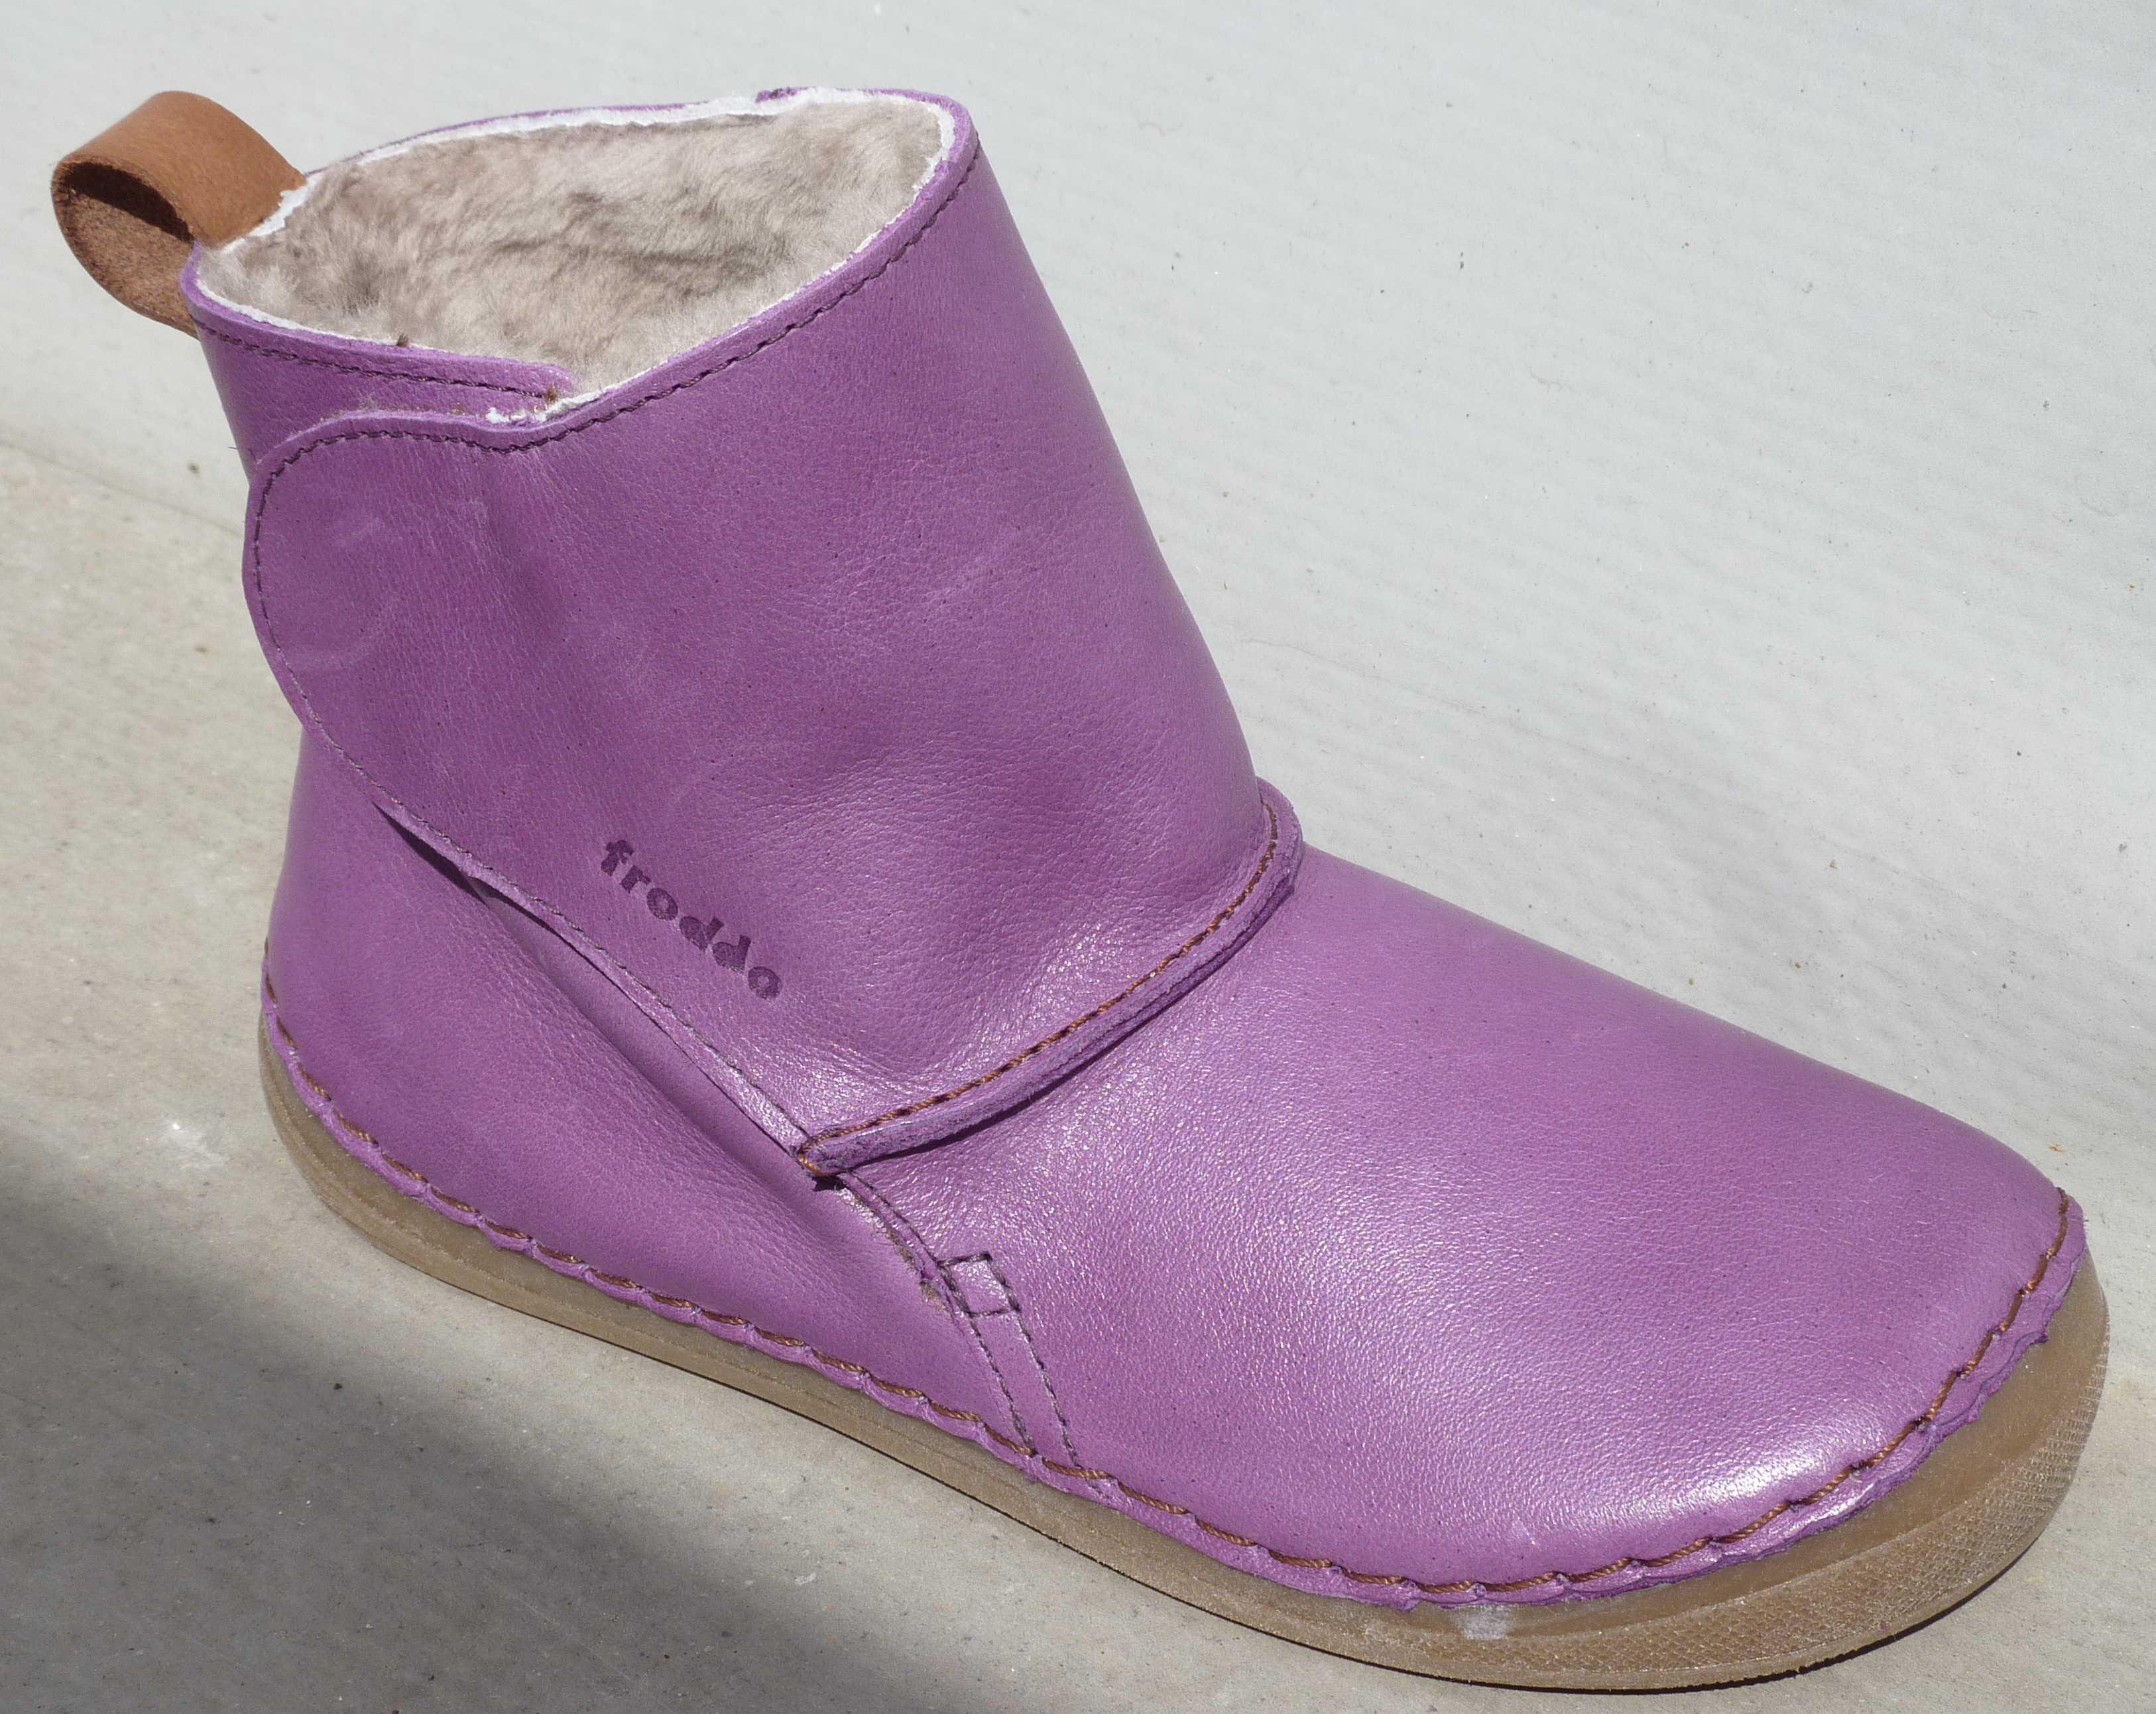 Zimní barefoot obuv   Froddo zimní kozačky fialové G2110028-7K vel ... 6cc14e0d8d